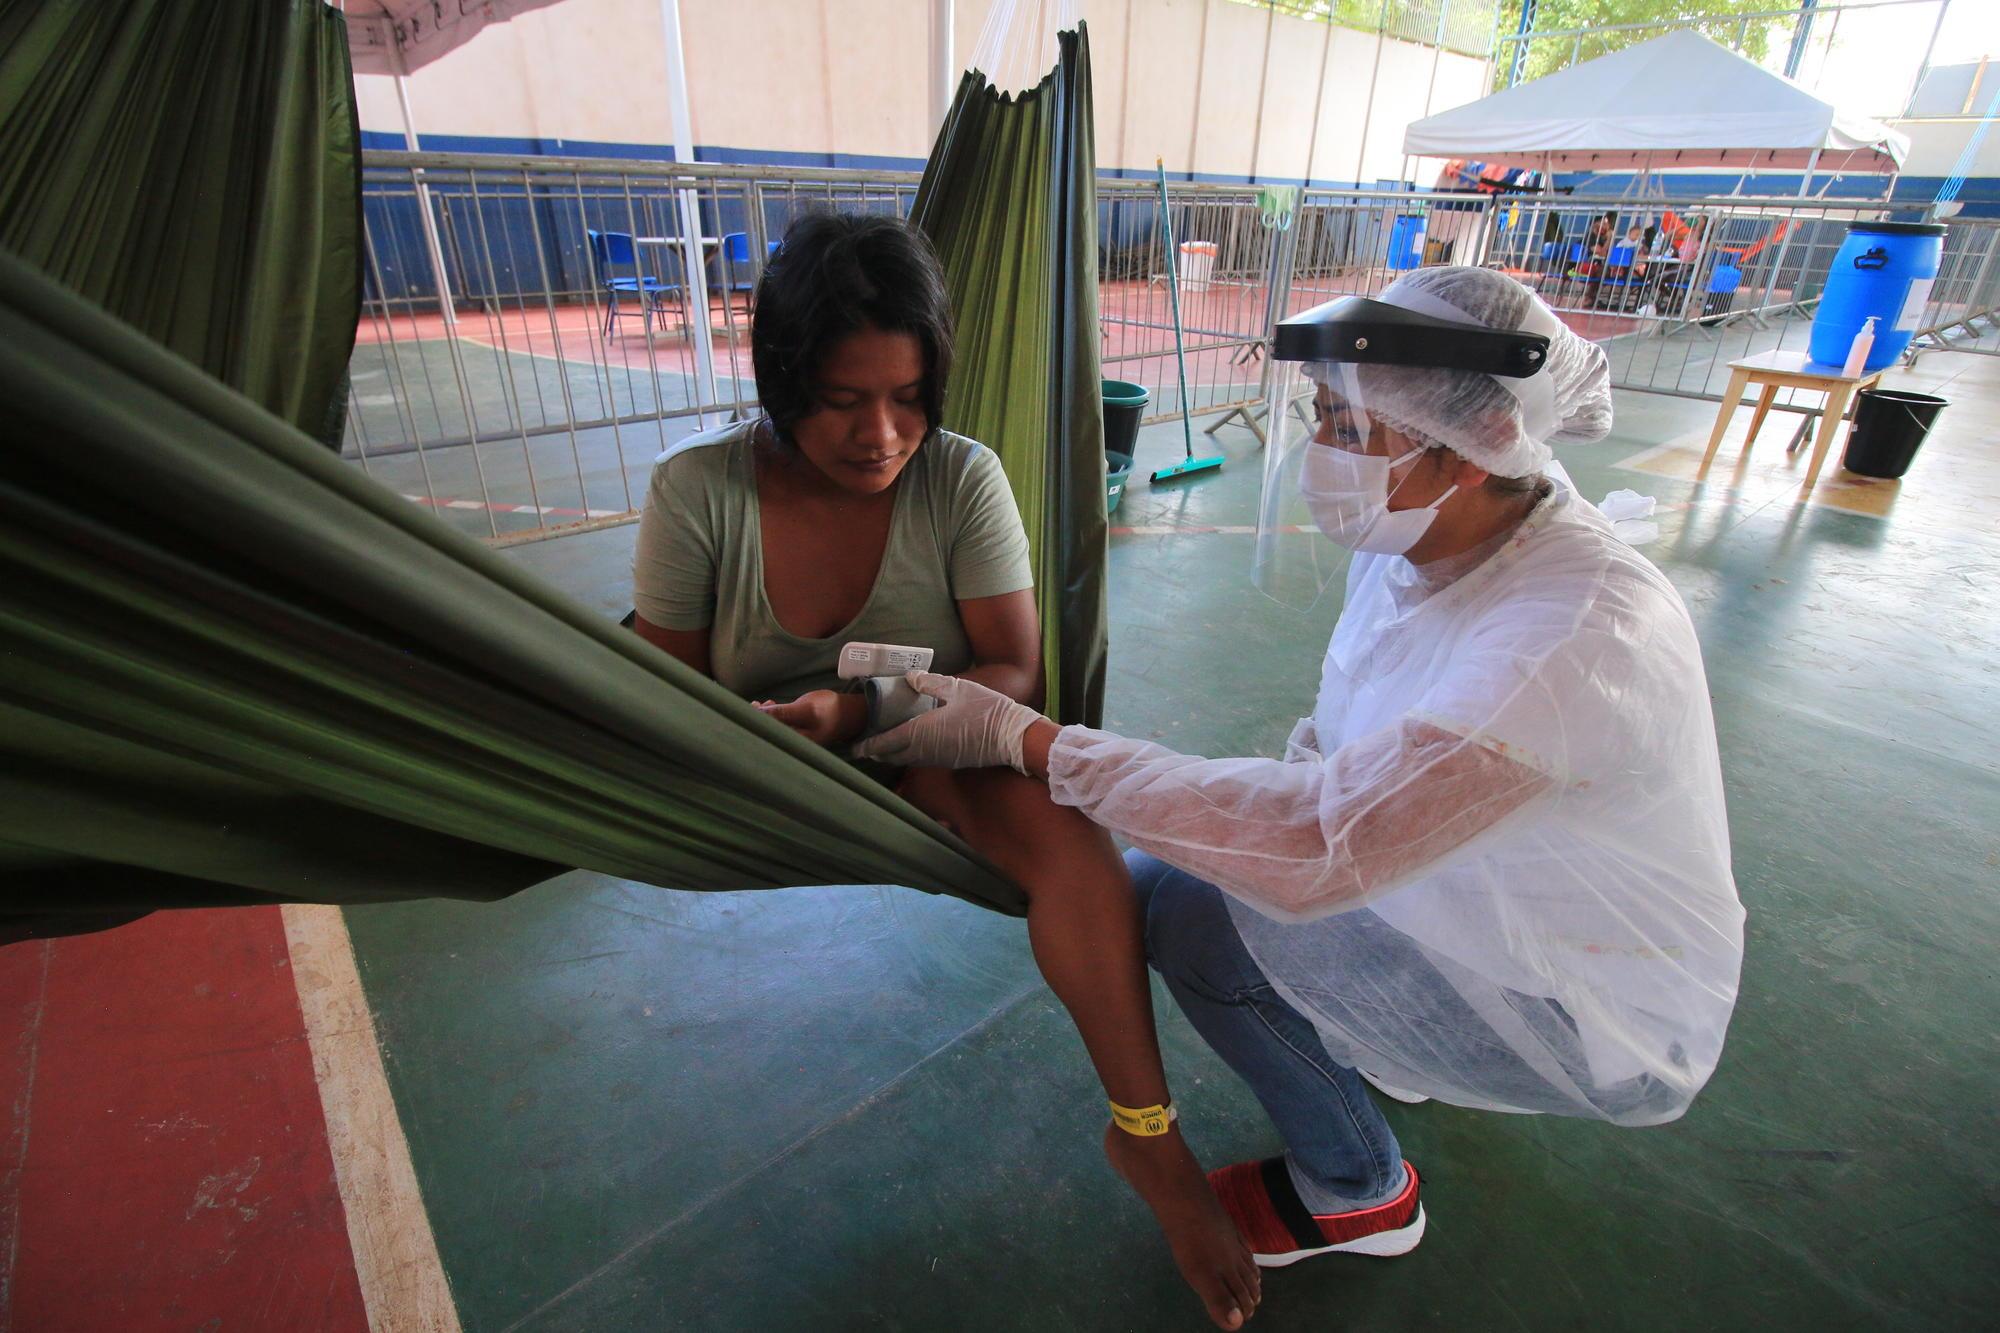 巴西登革熱肆虐的地區,在去年和今年的登革熱感染率都很高,但新冠病毒的傳染速度卻較慢。    資料圖片